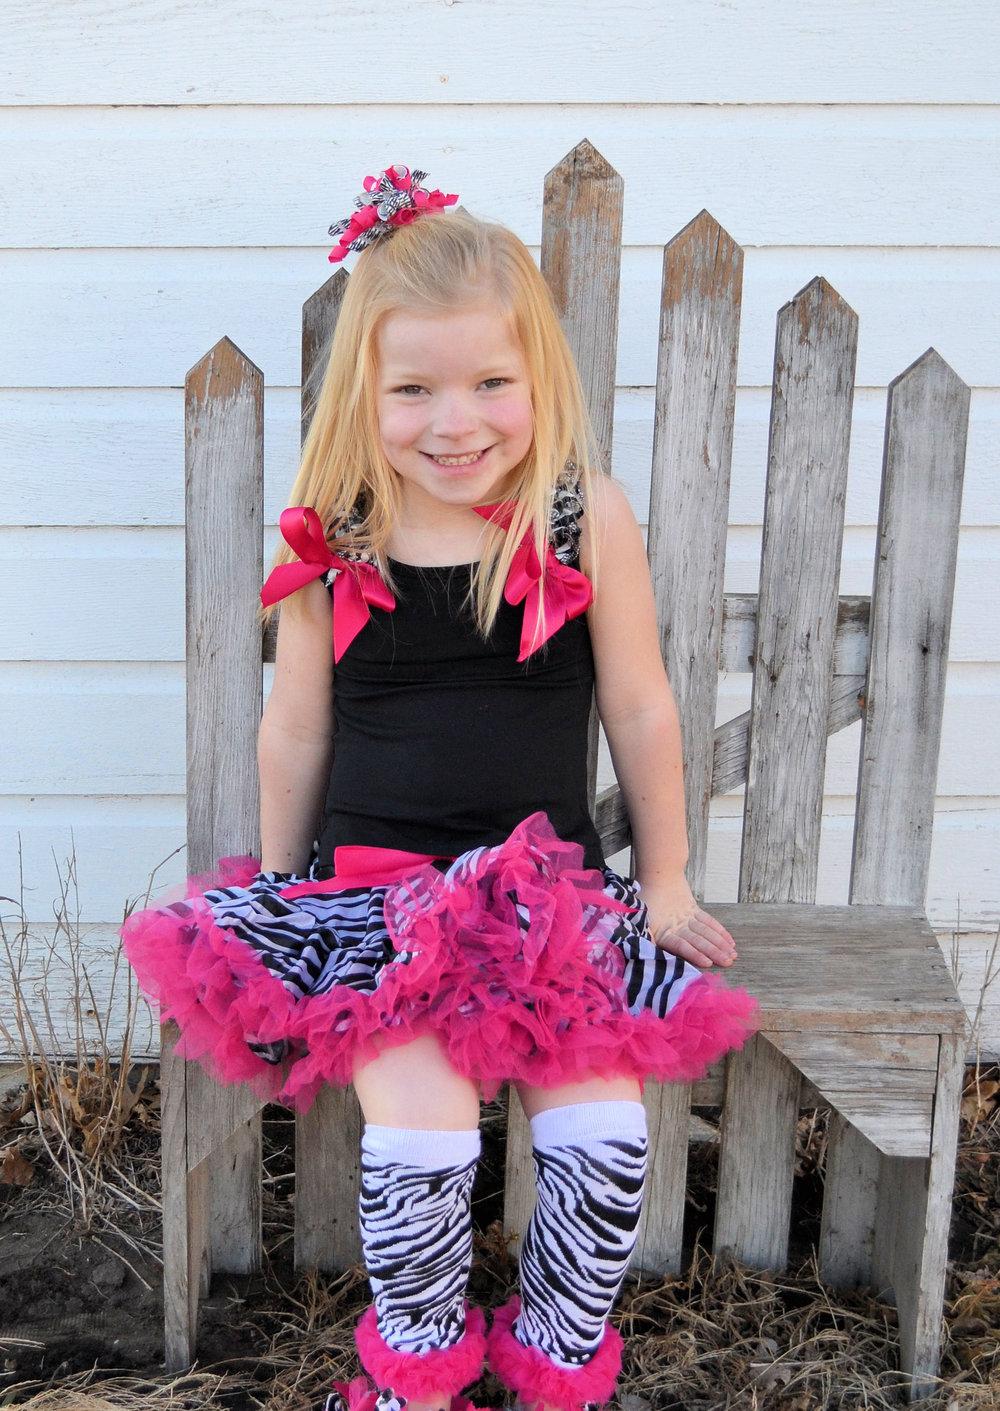 izzy zebra outfit.jpg